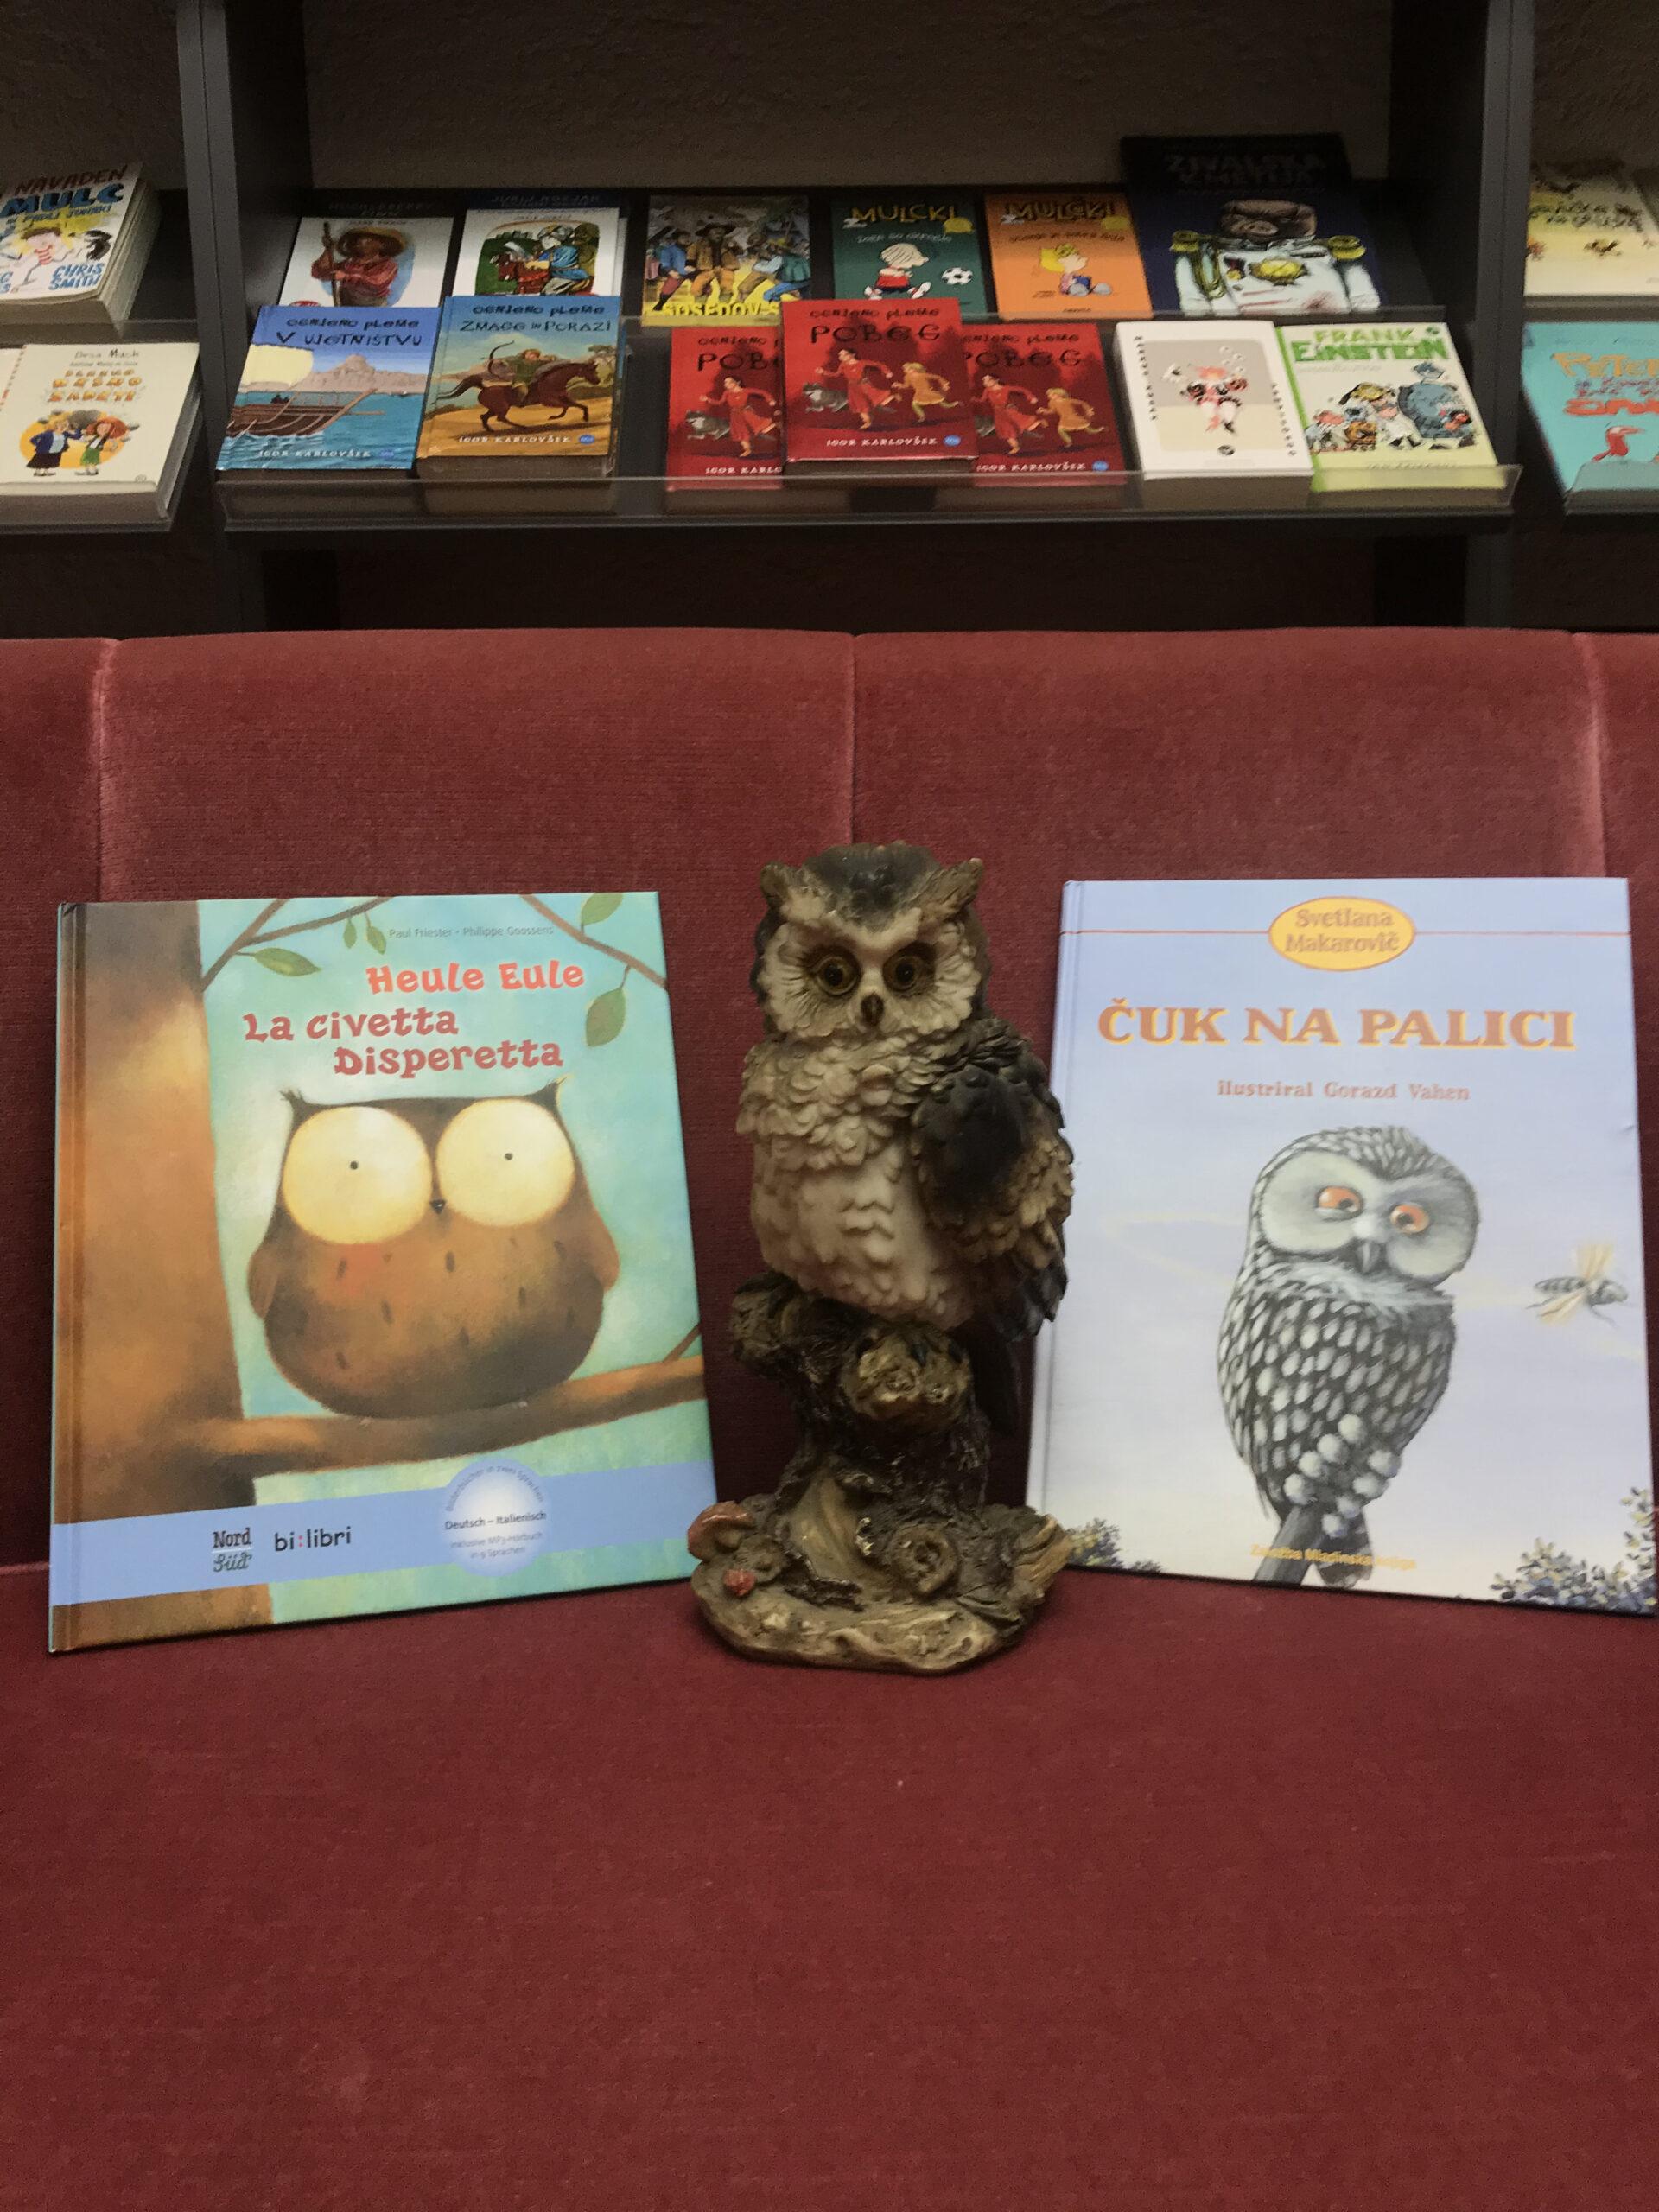 🦉Sova v naši knjigarni govori tri jezike/ Die Eule in unserer Buchhandlung spricht drei Sprachen🦉